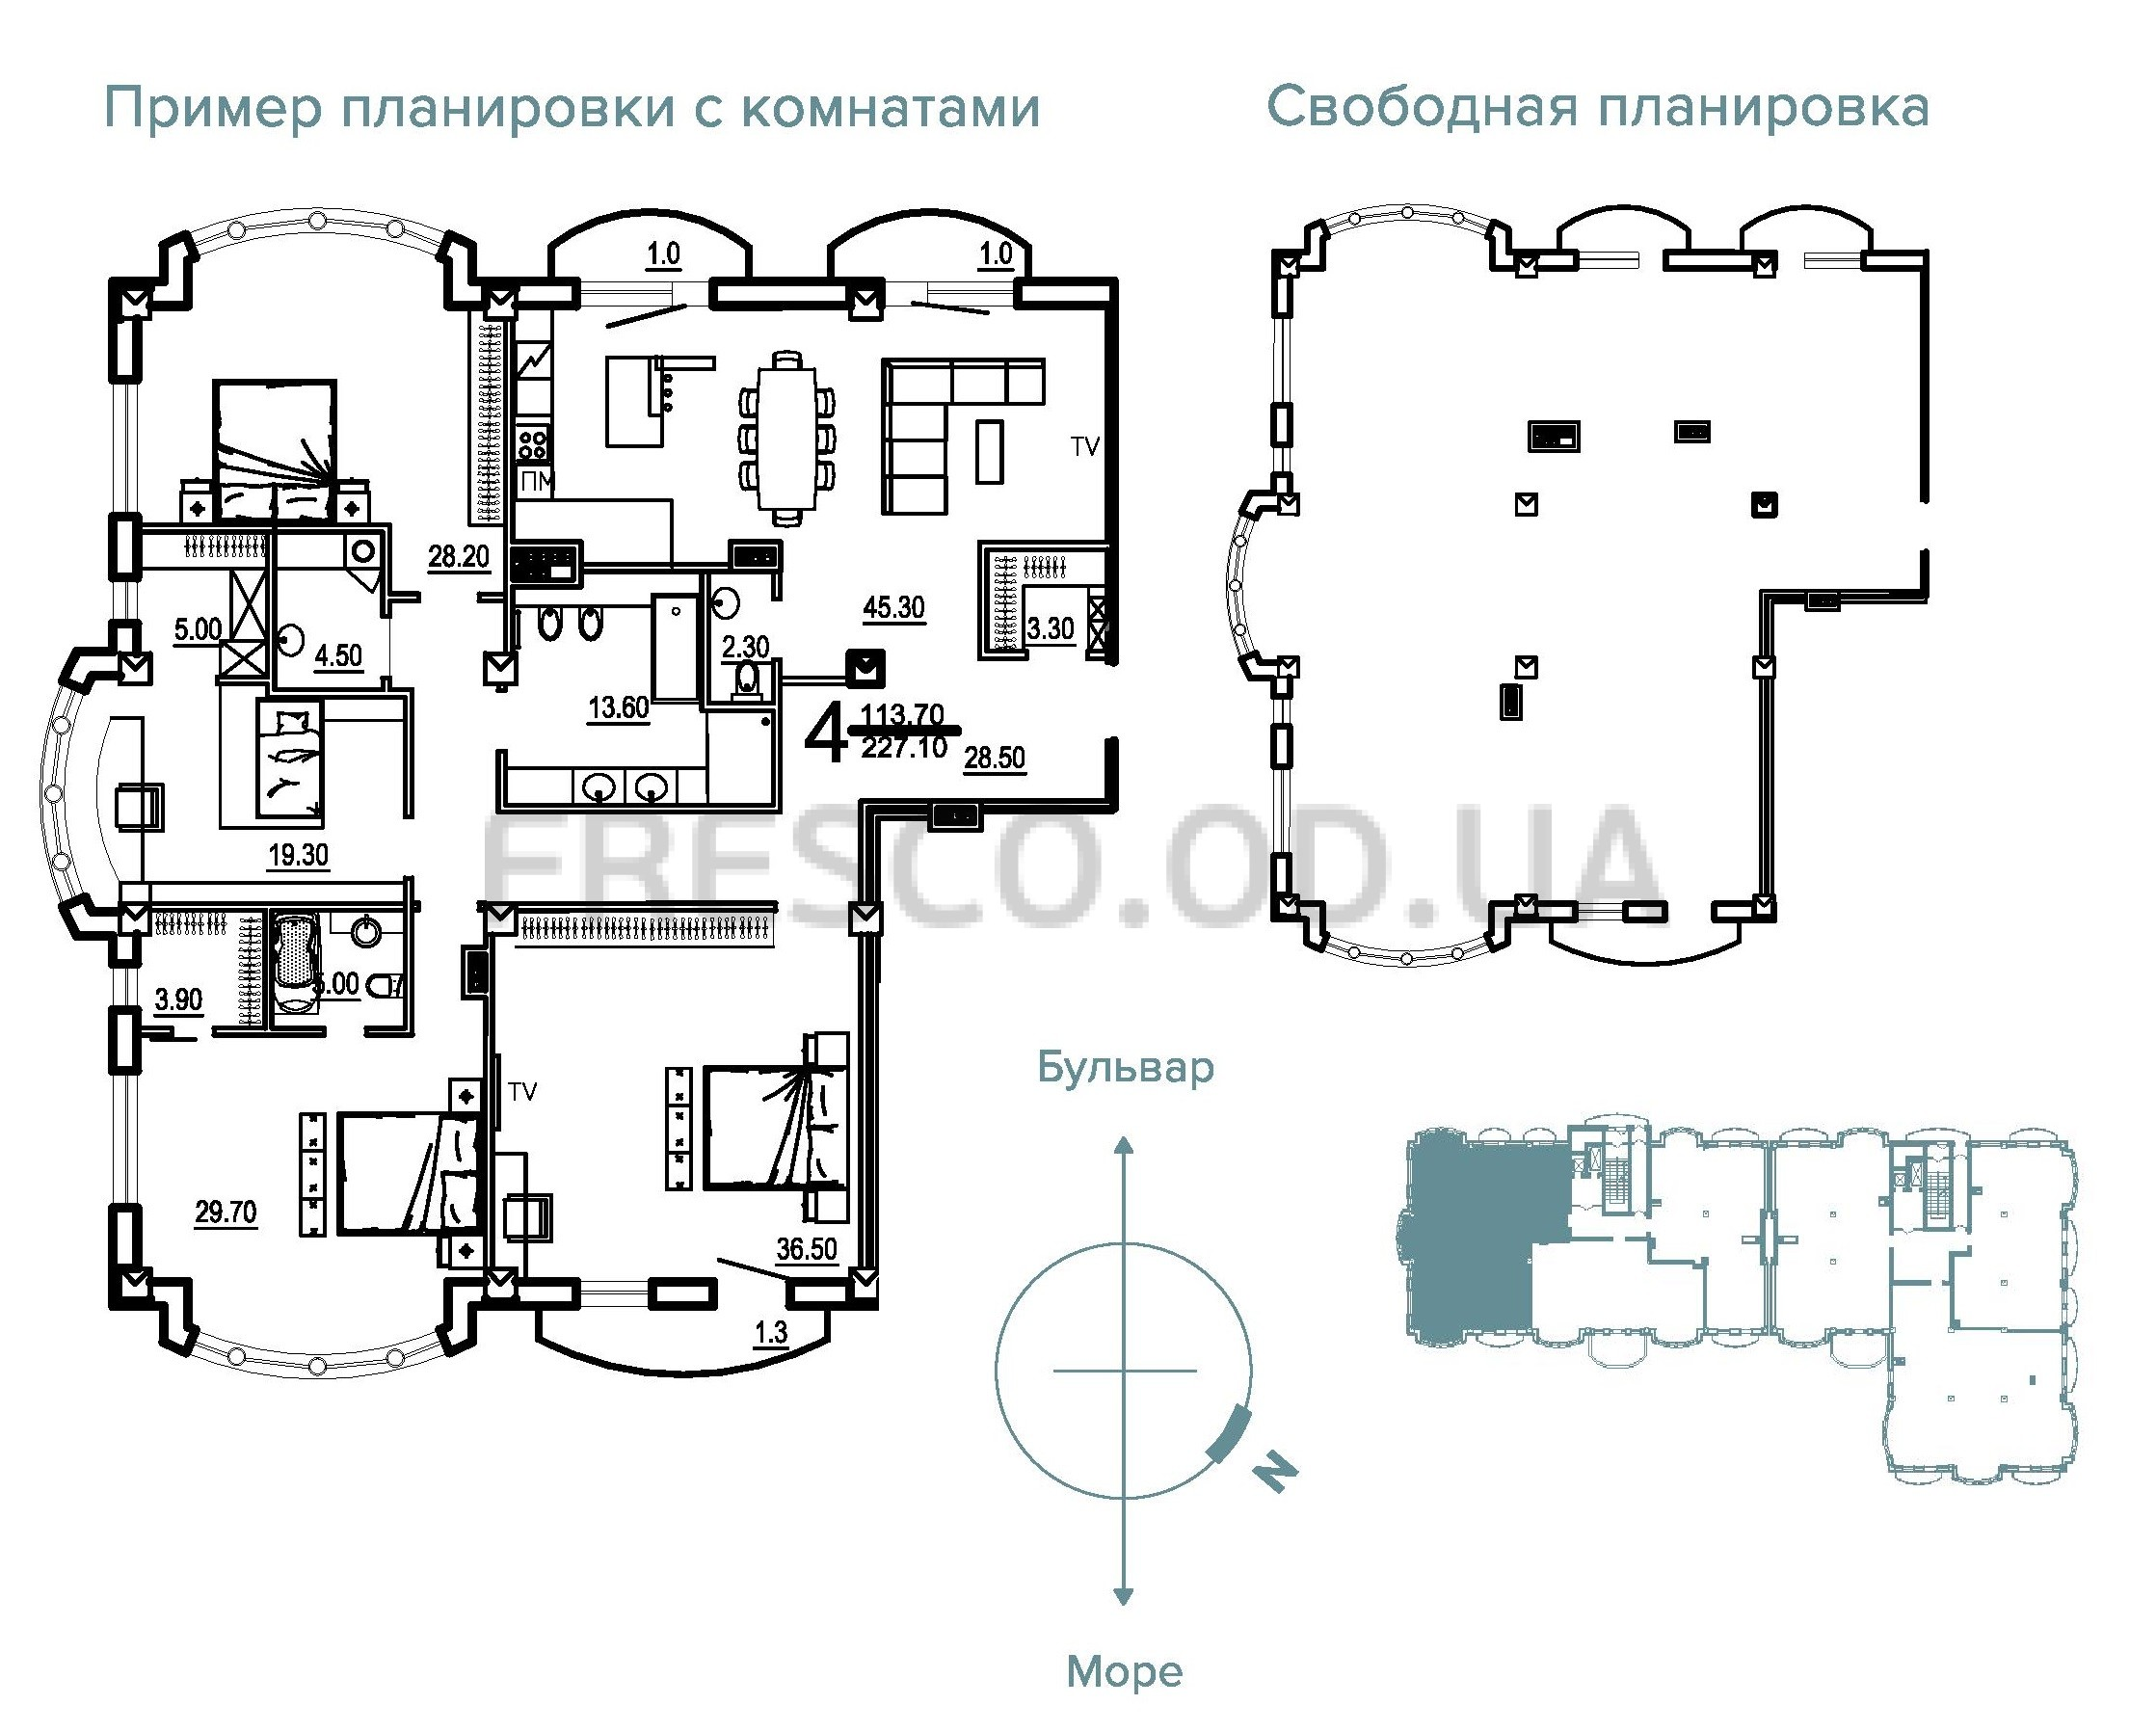 Четырехкомнатная - Клубный Дом BIARRITZ (Биарриц)$408780Площадь:227,1m²